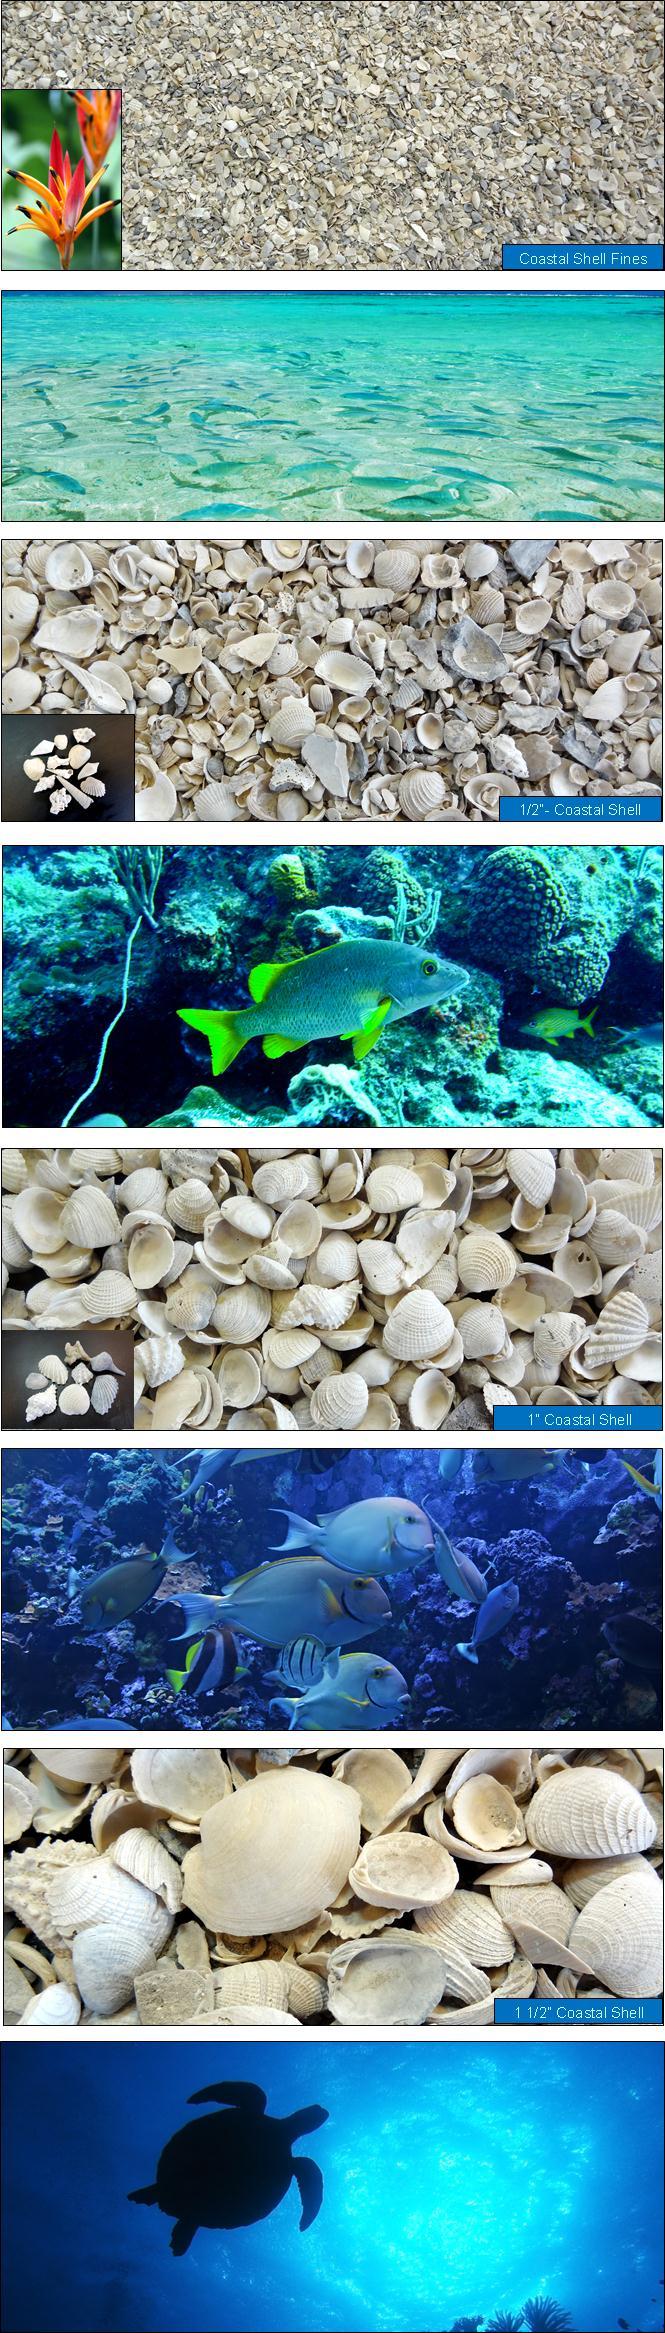 Coastal Shell